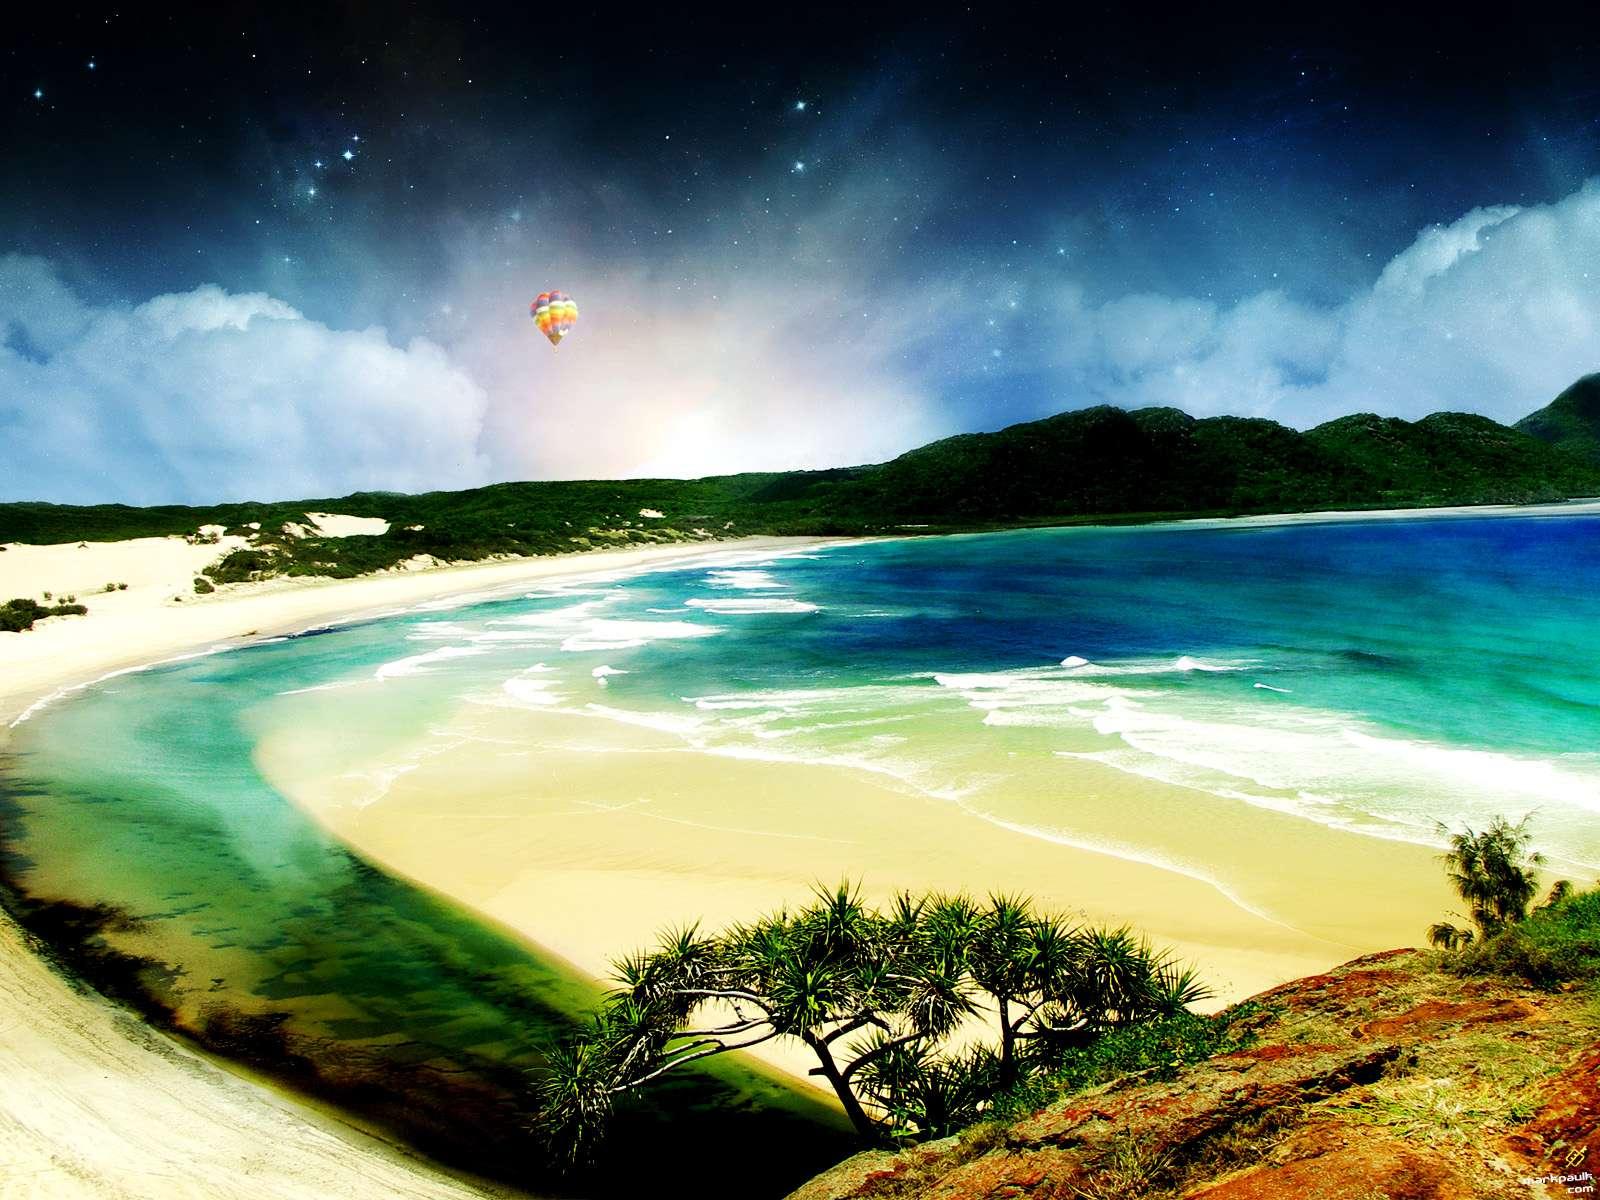 Fotomanipulaciones con paisajes para fondos de pantalla for Imagenes geniales para fondo de pantalla